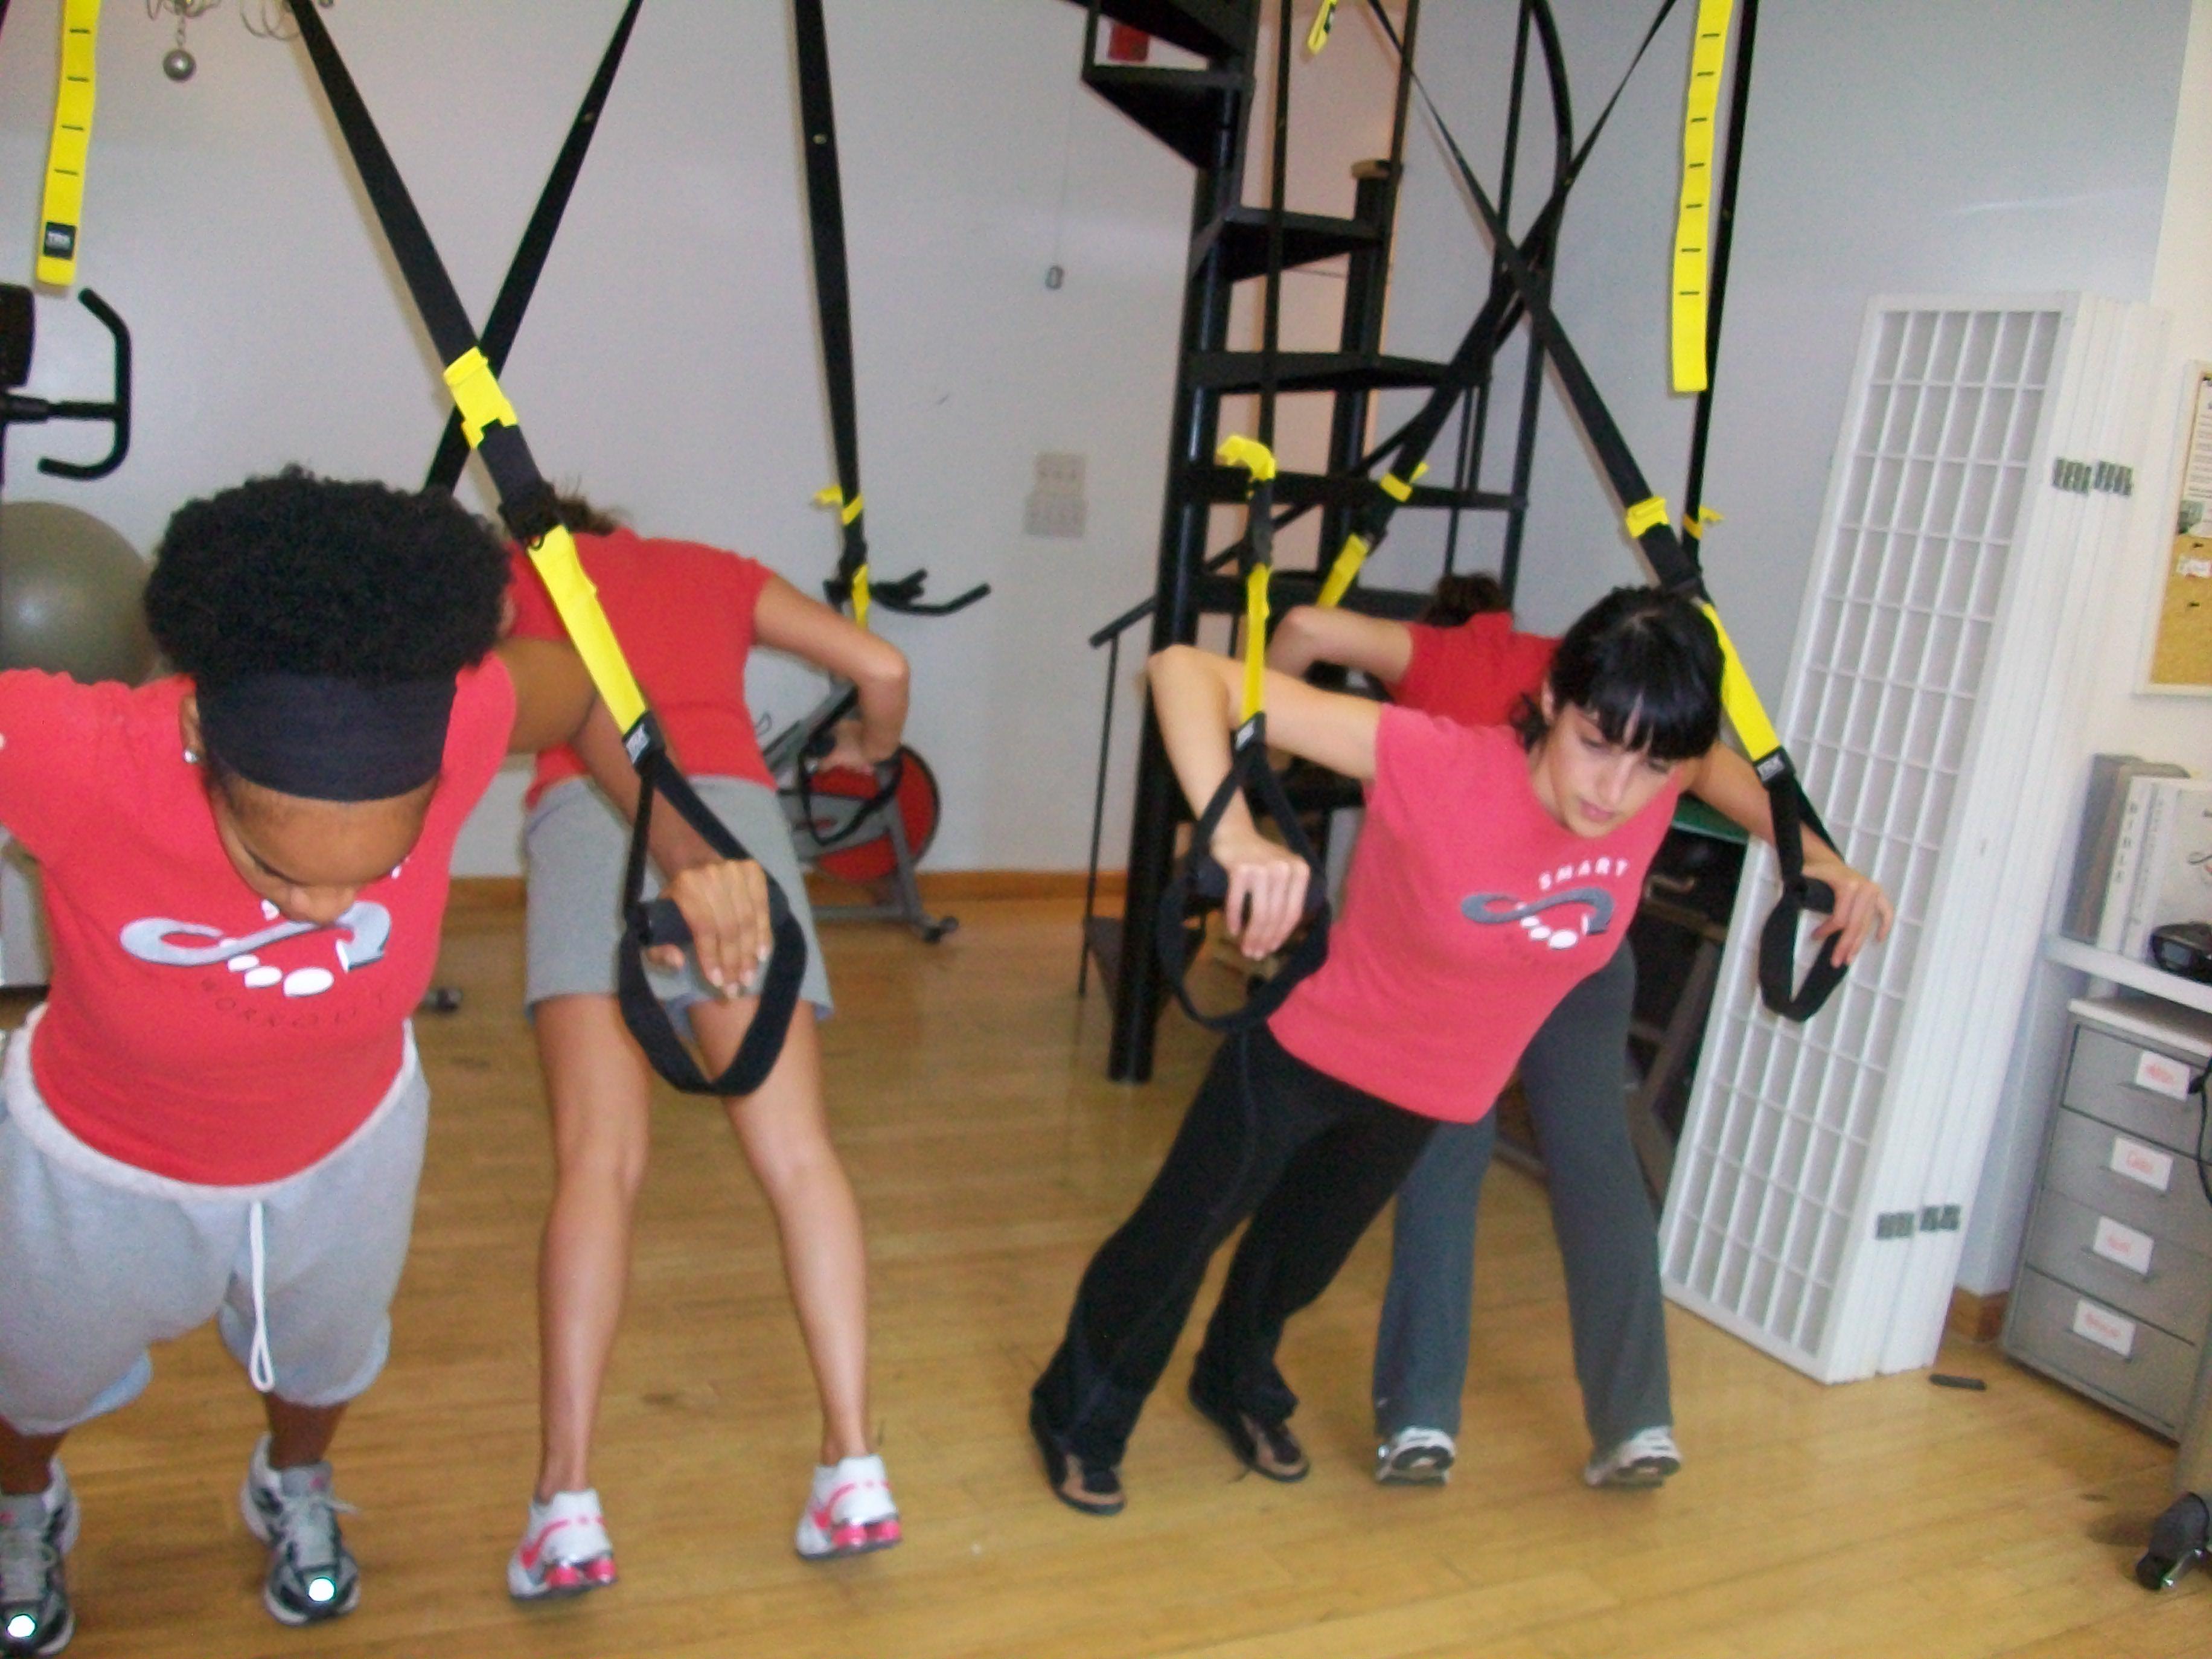 Comment Suspendre Un Plateau Au Plafond suspension training with trx – smart workout blog